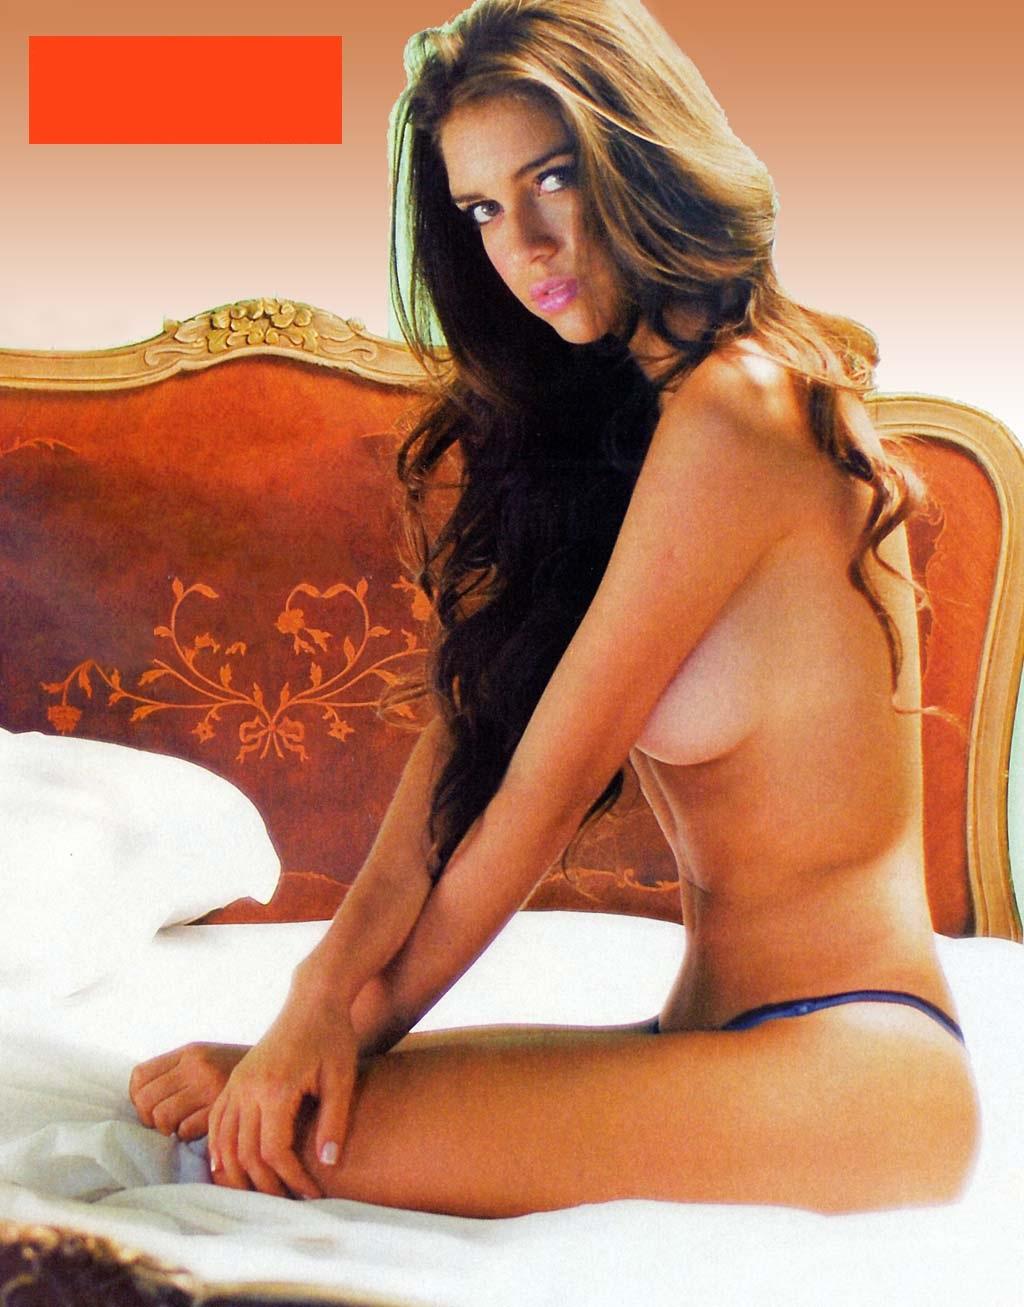 http://4.bp.blogspot.com/-d5DlbduaPEw/UFaWphcFalI/AAAAAAAAAb8/F51jeq1rKIM/s1600/zaira-nara-3.jpg